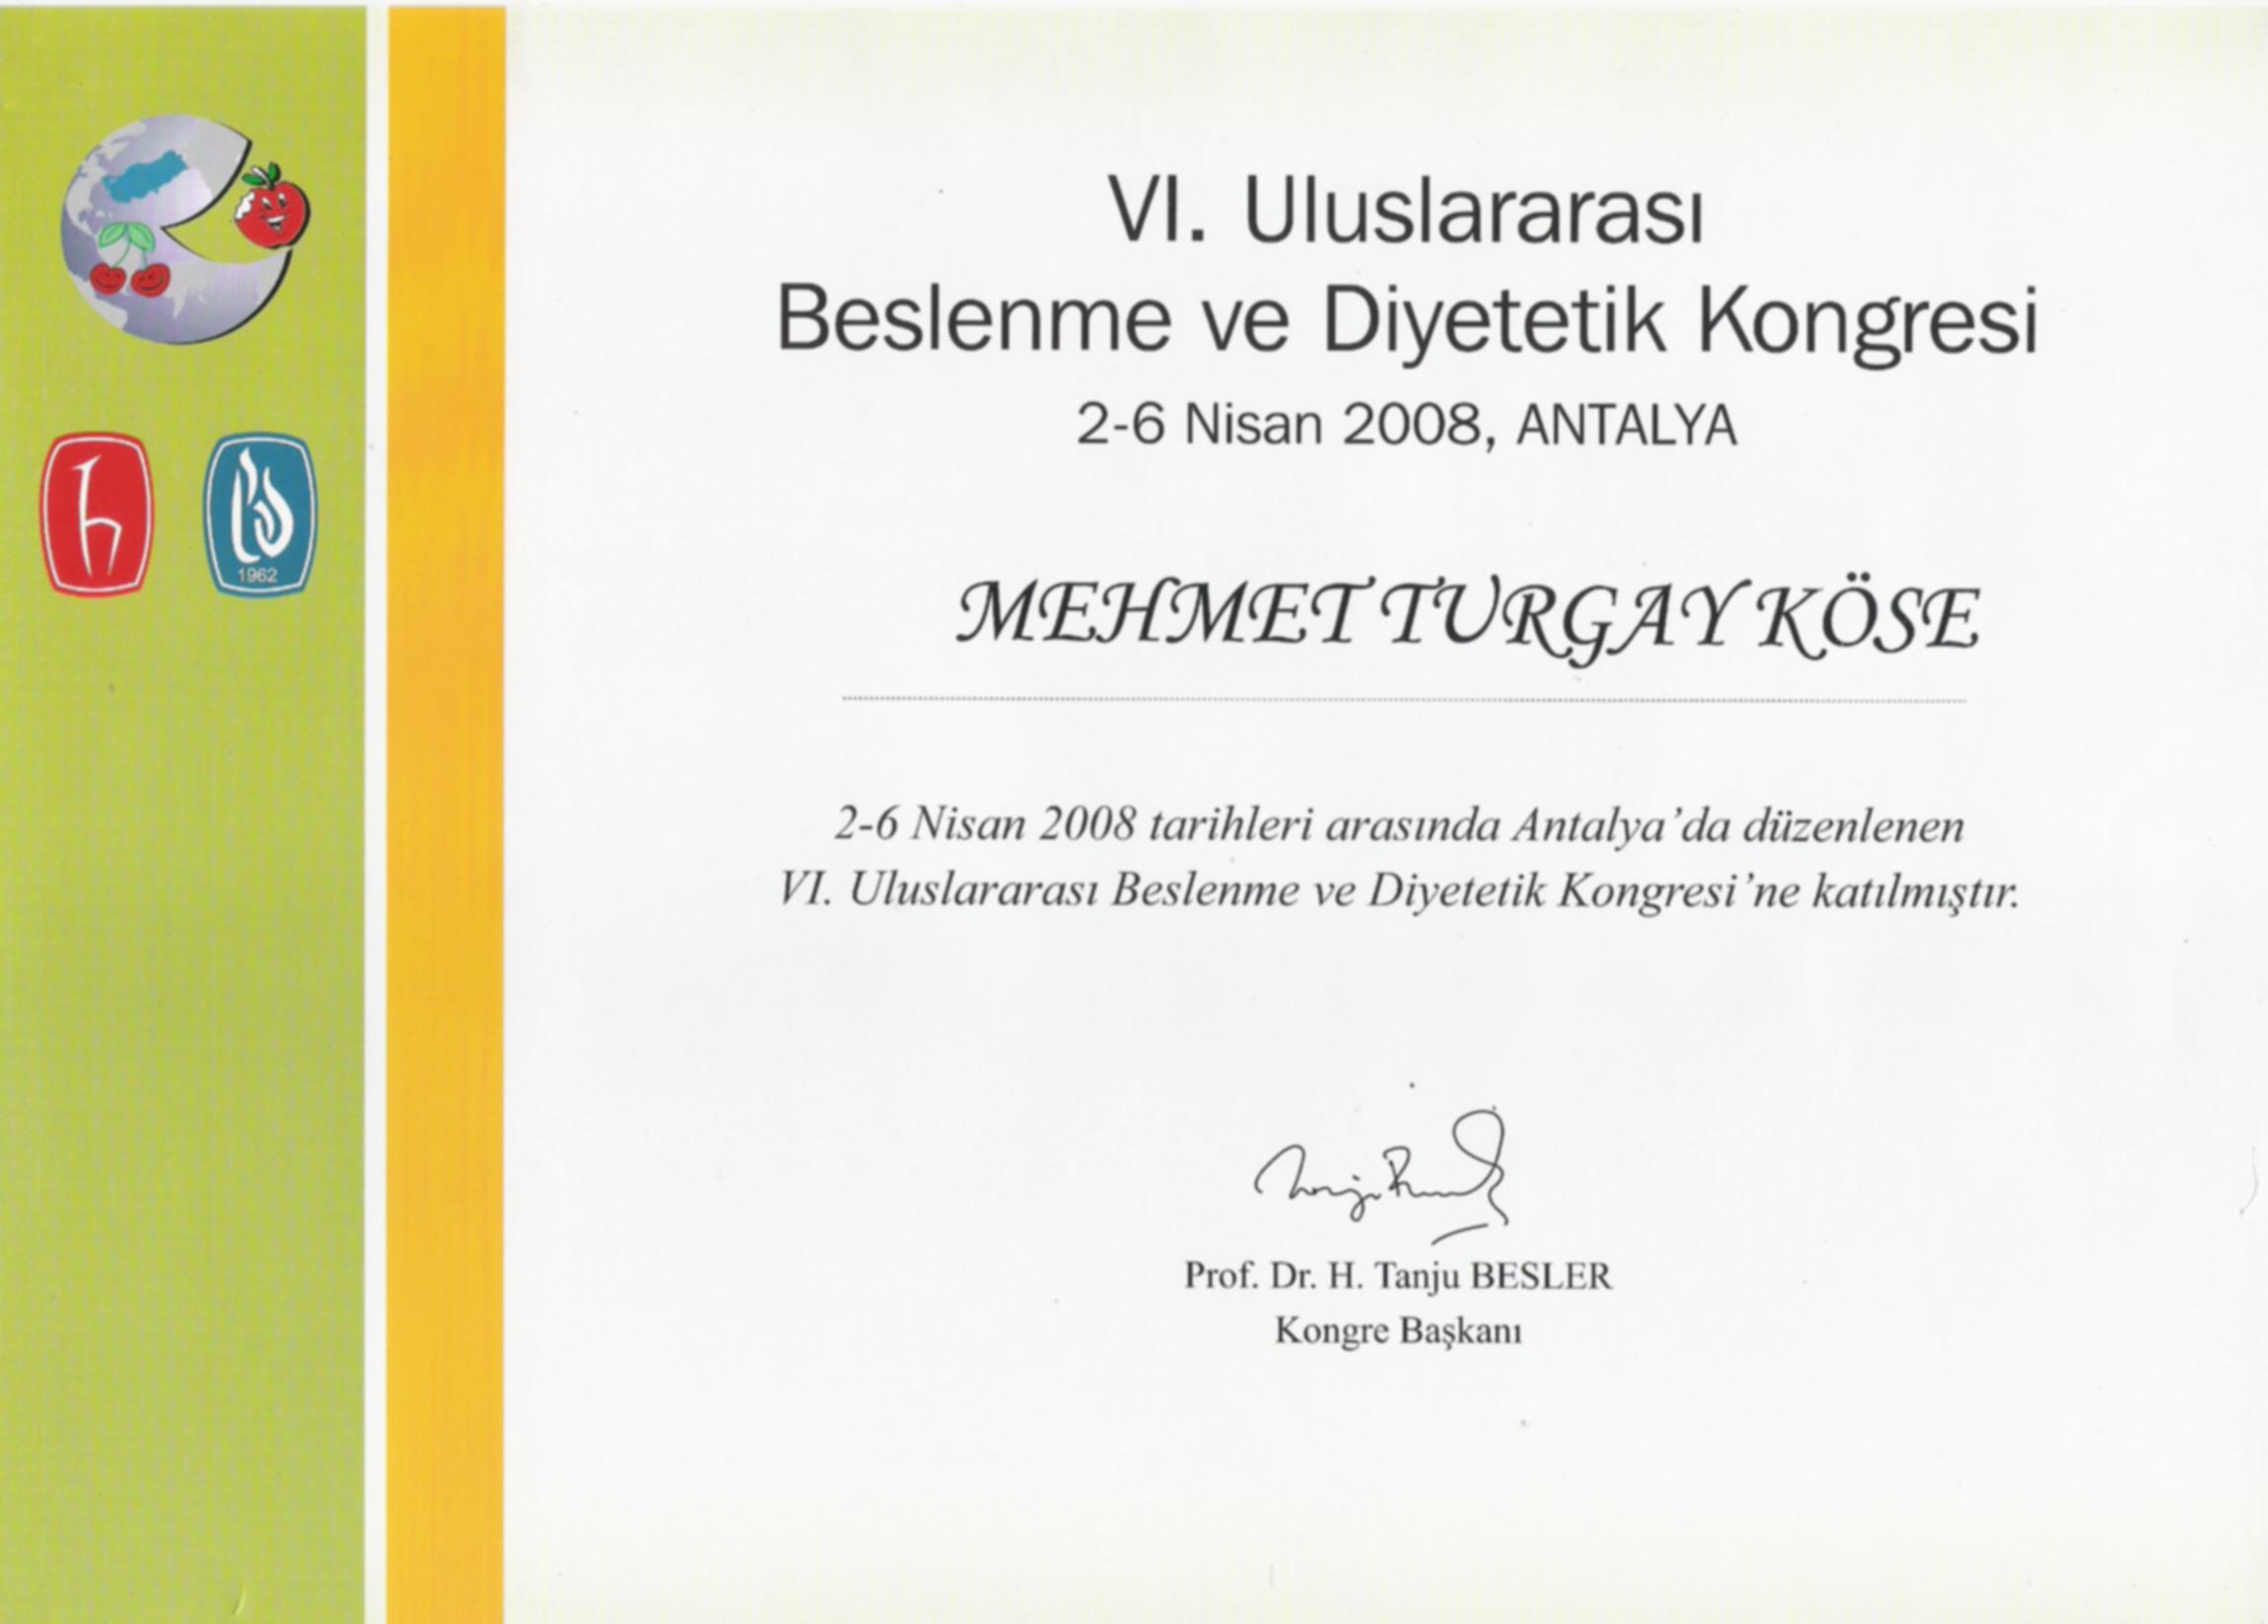 VI. Uluslararası Beslenme ve Diyetetik Kongresi